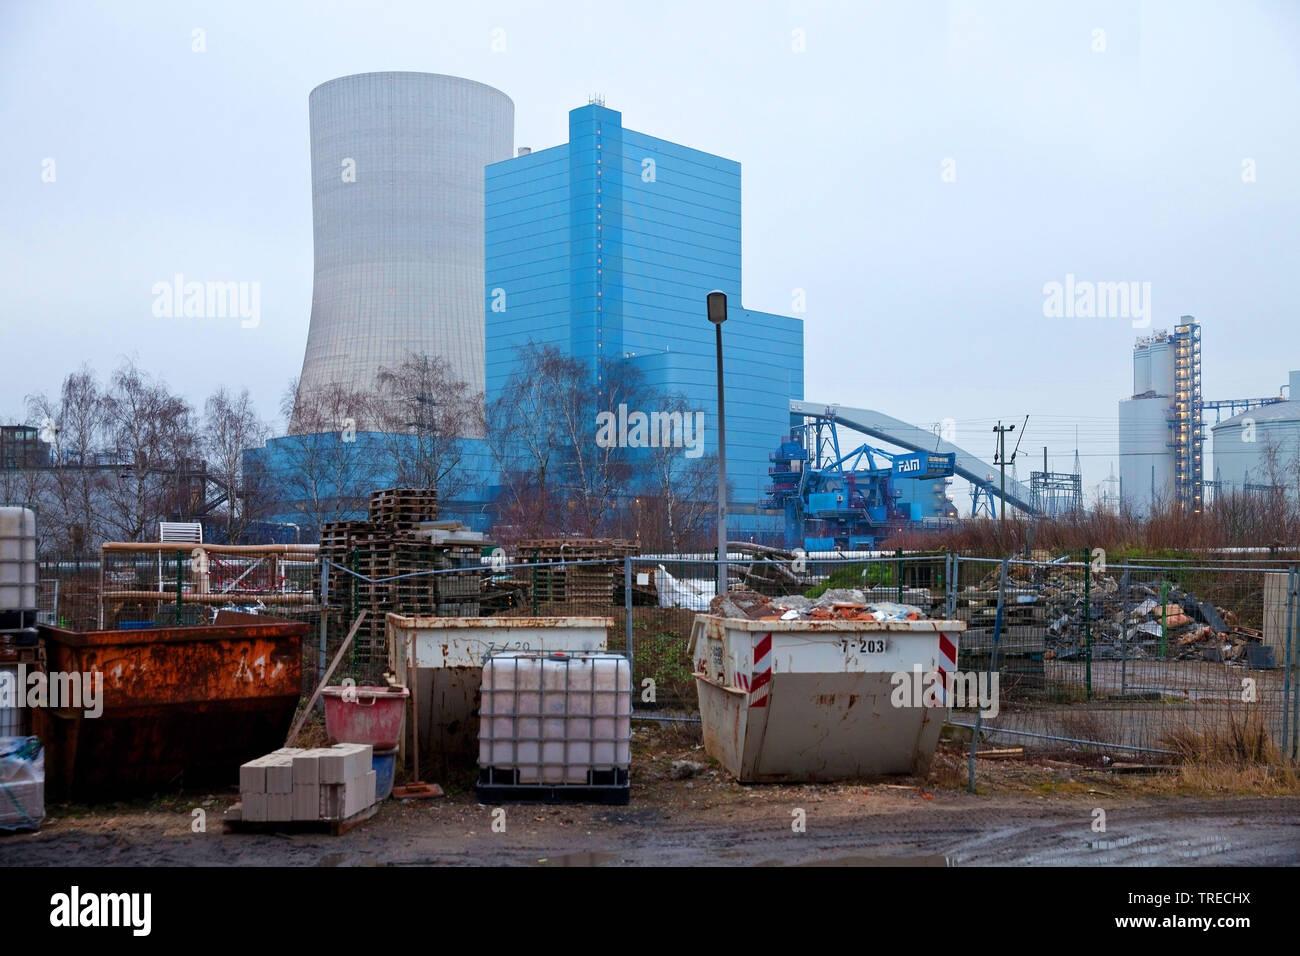 Muellcontainer vor dem Steinkohlekraftwerk Datteln mit Block 4 der Firma Uniper, Kohleausstieg 2038, Deutschland, Nordrhein-Westfalen, Ruhrgebiet, Dat - Stock Image